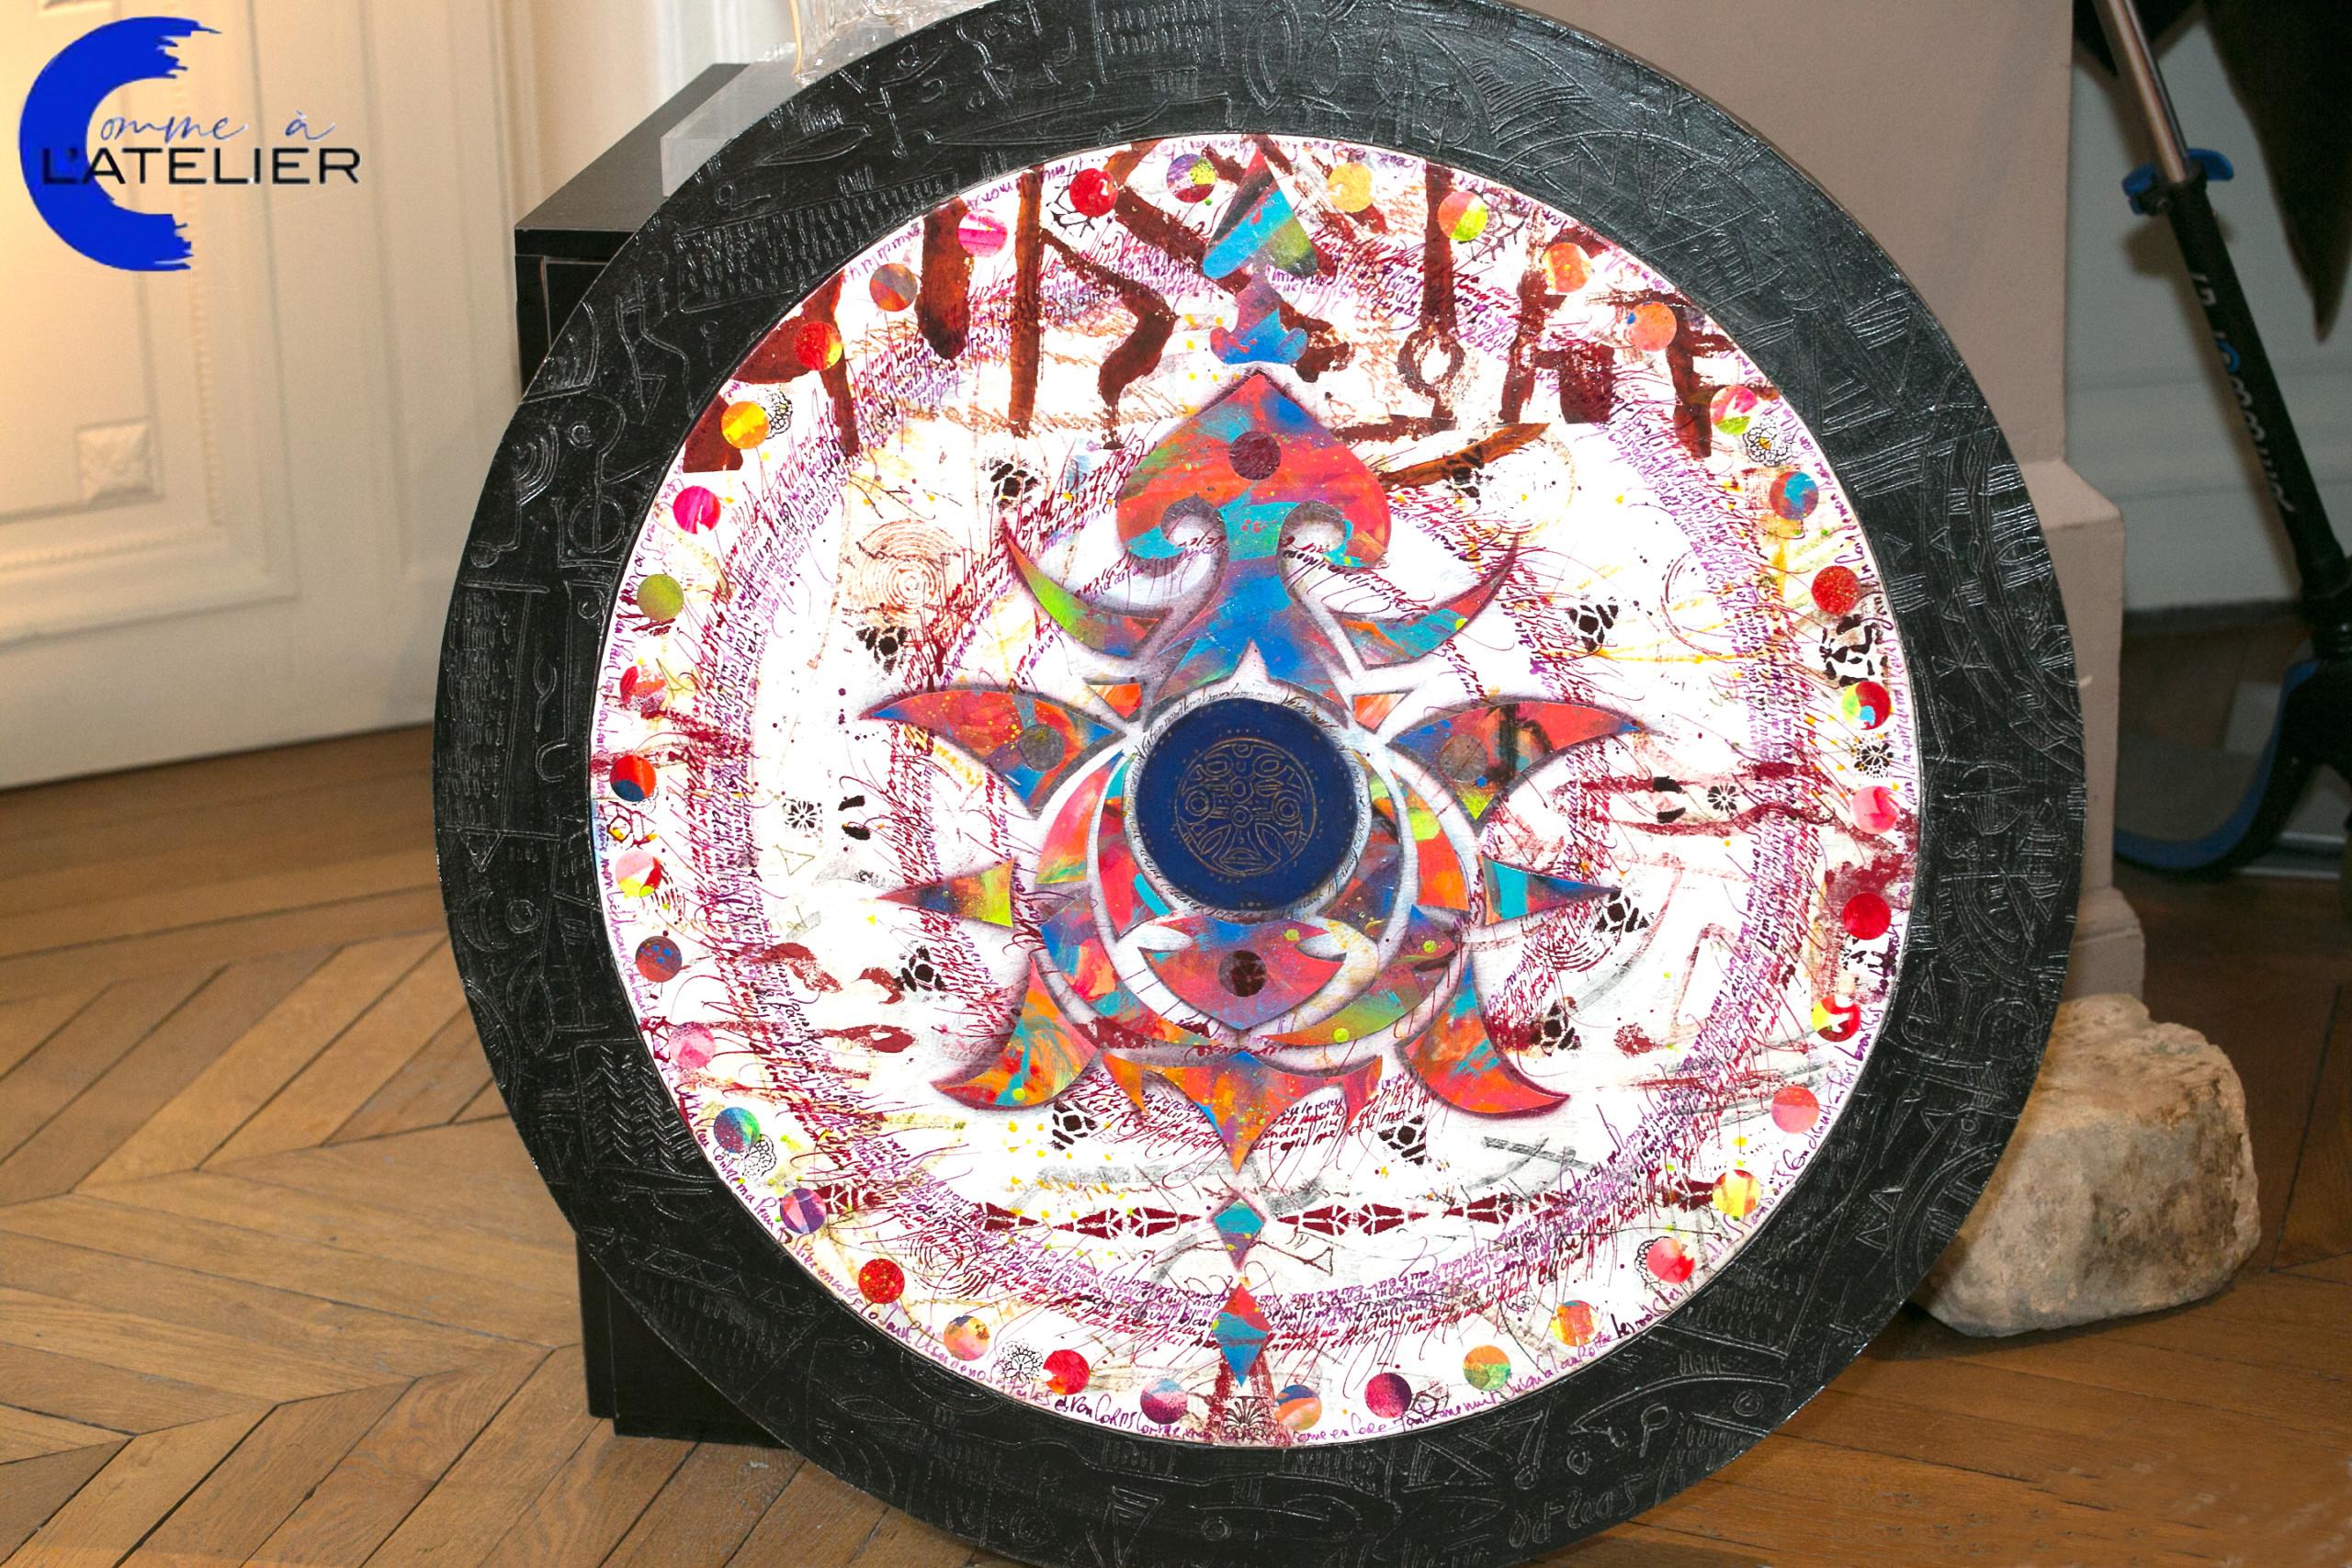 COMME A L'ATELIER by Clotilde-Wiacek - Luciano di Concetto, the Artist